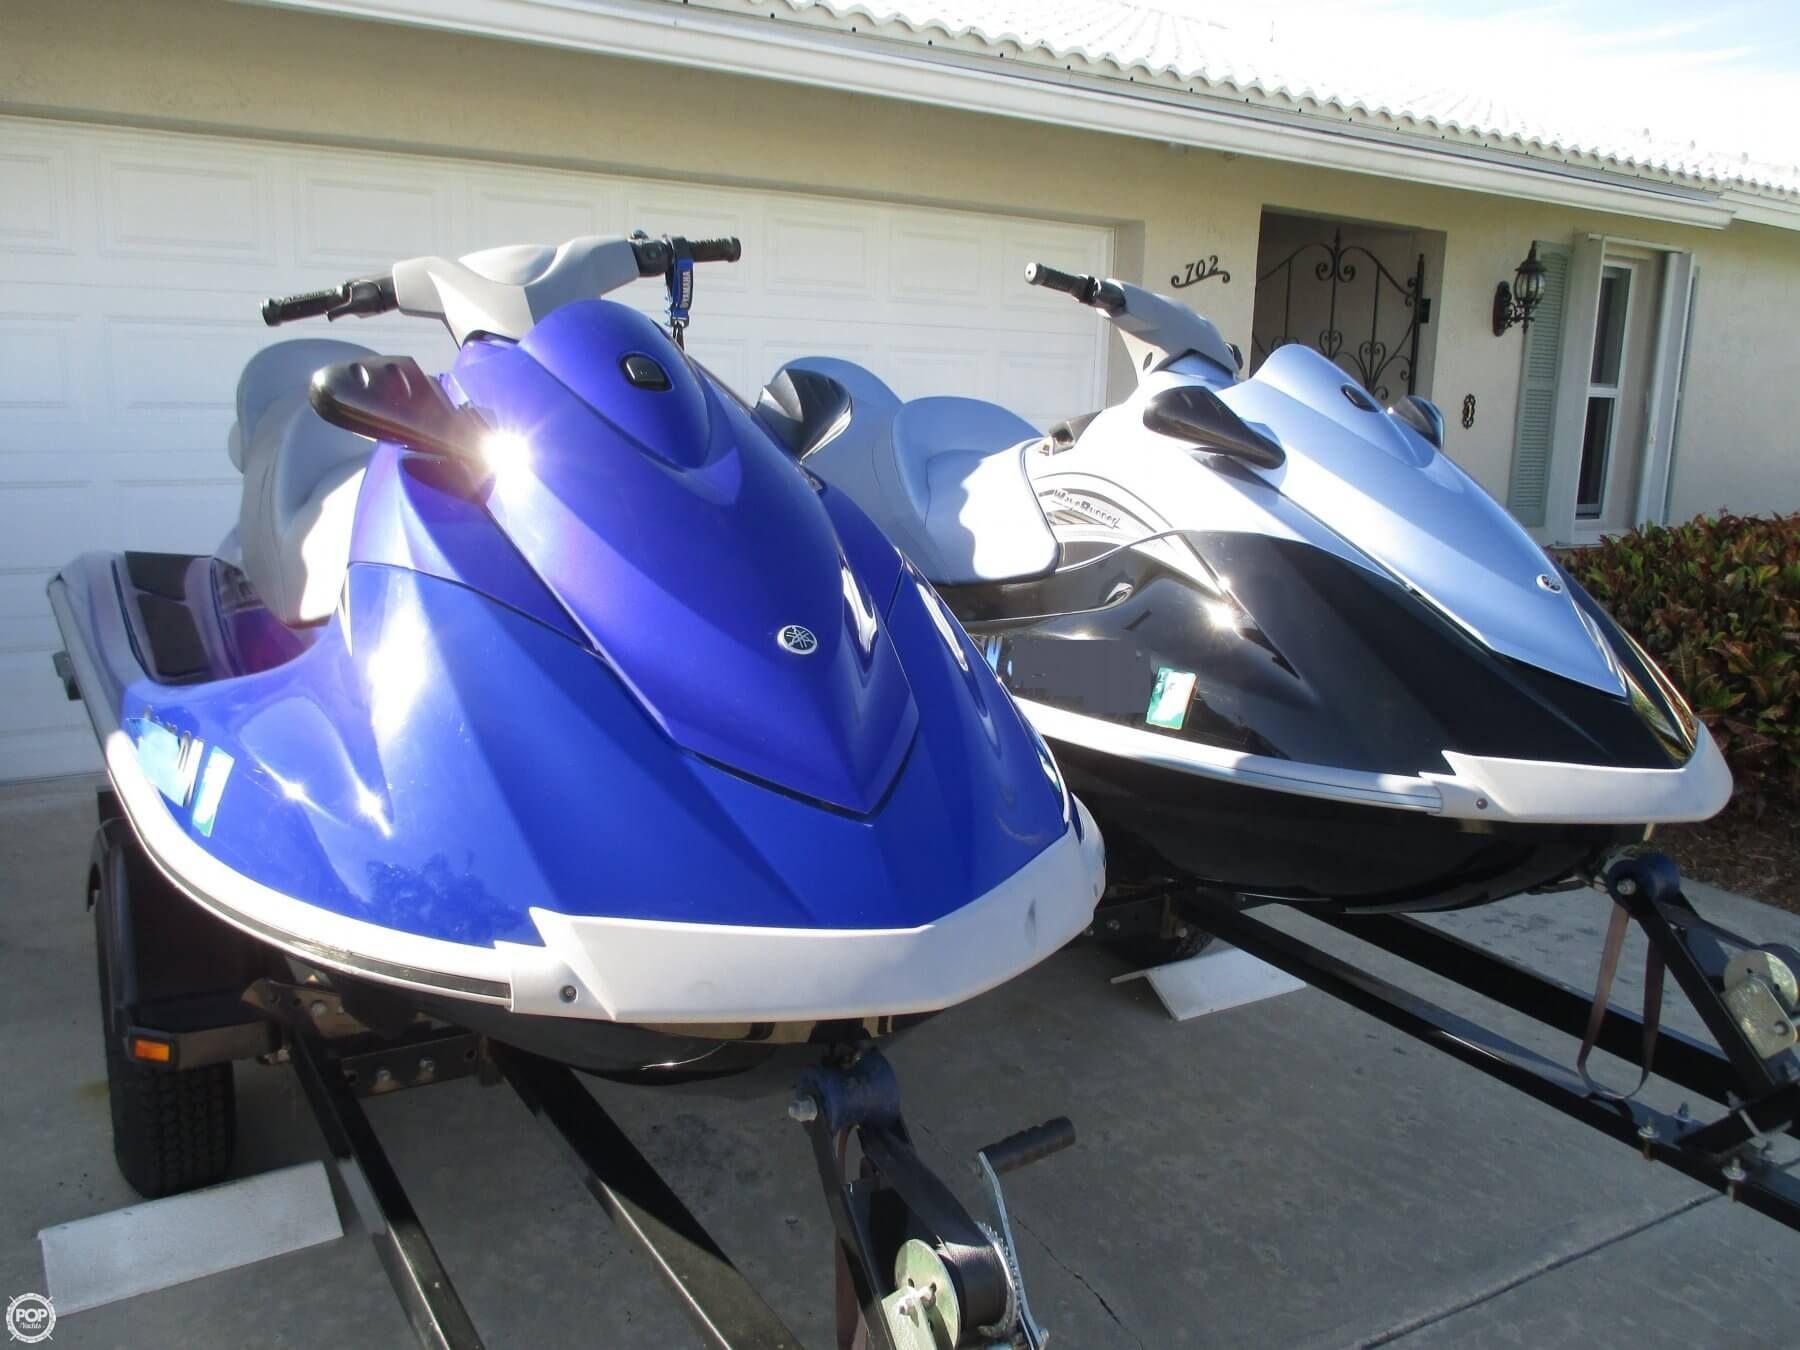 2 low hour yamaha jet skis trailer boats boats for. Black Bedroom Furniture Sets. Home Design Ideas